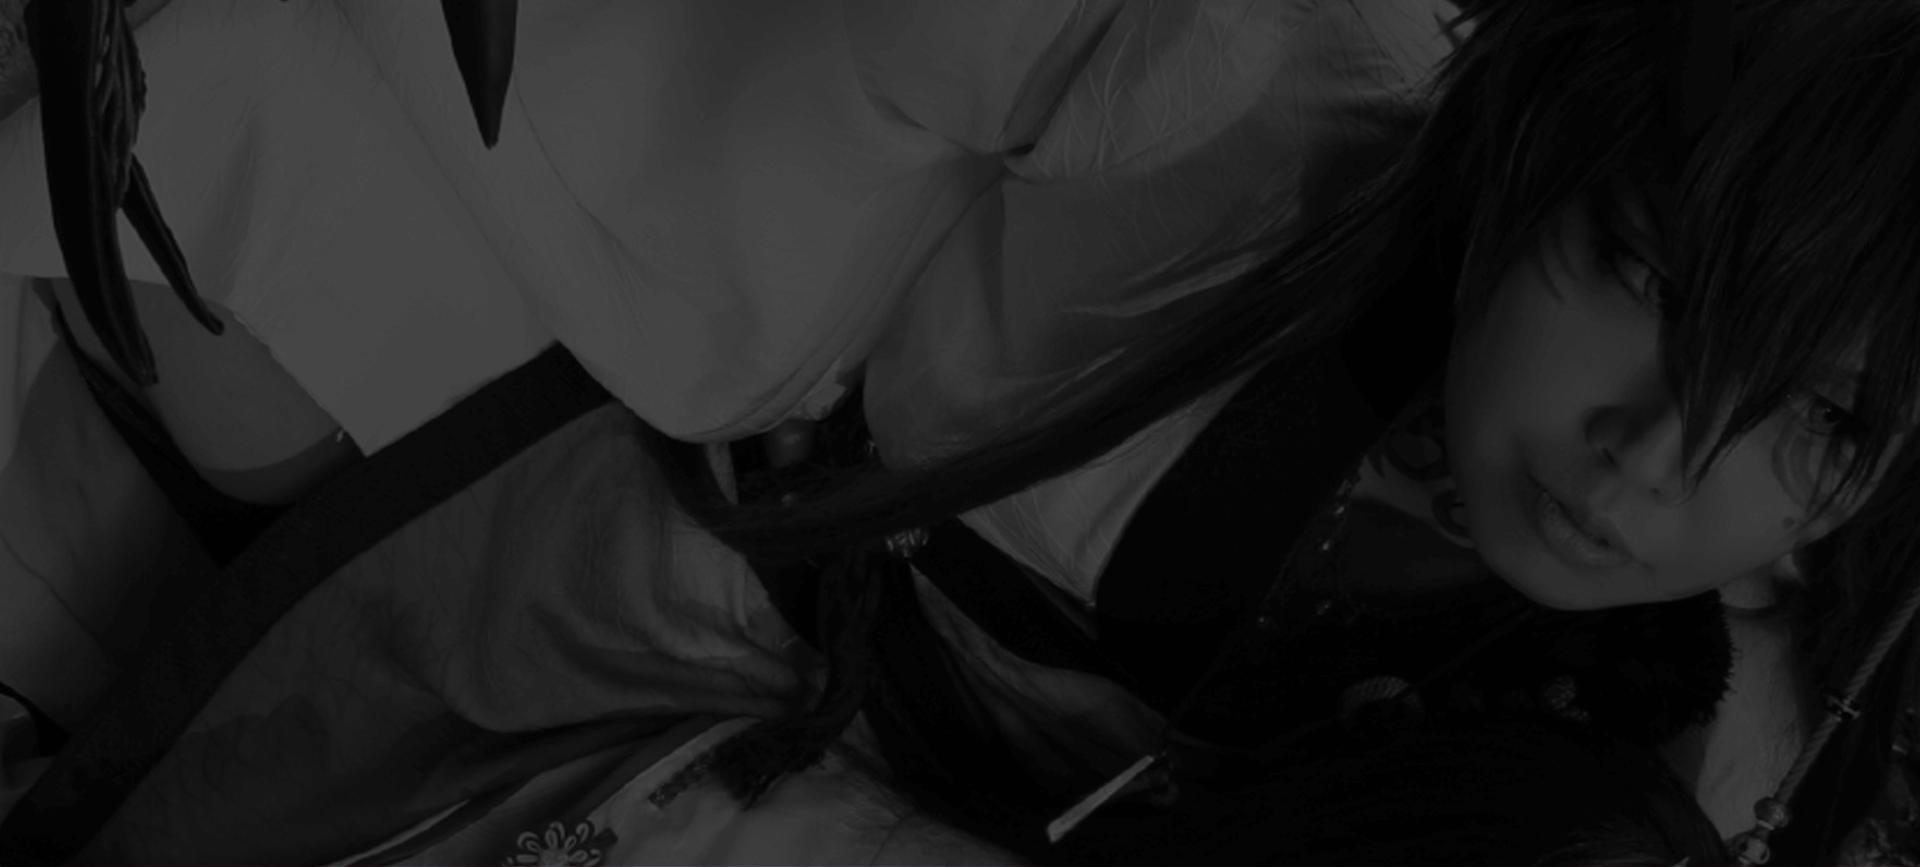 ブログ更新:7月22日海ロケでクロスとFF10